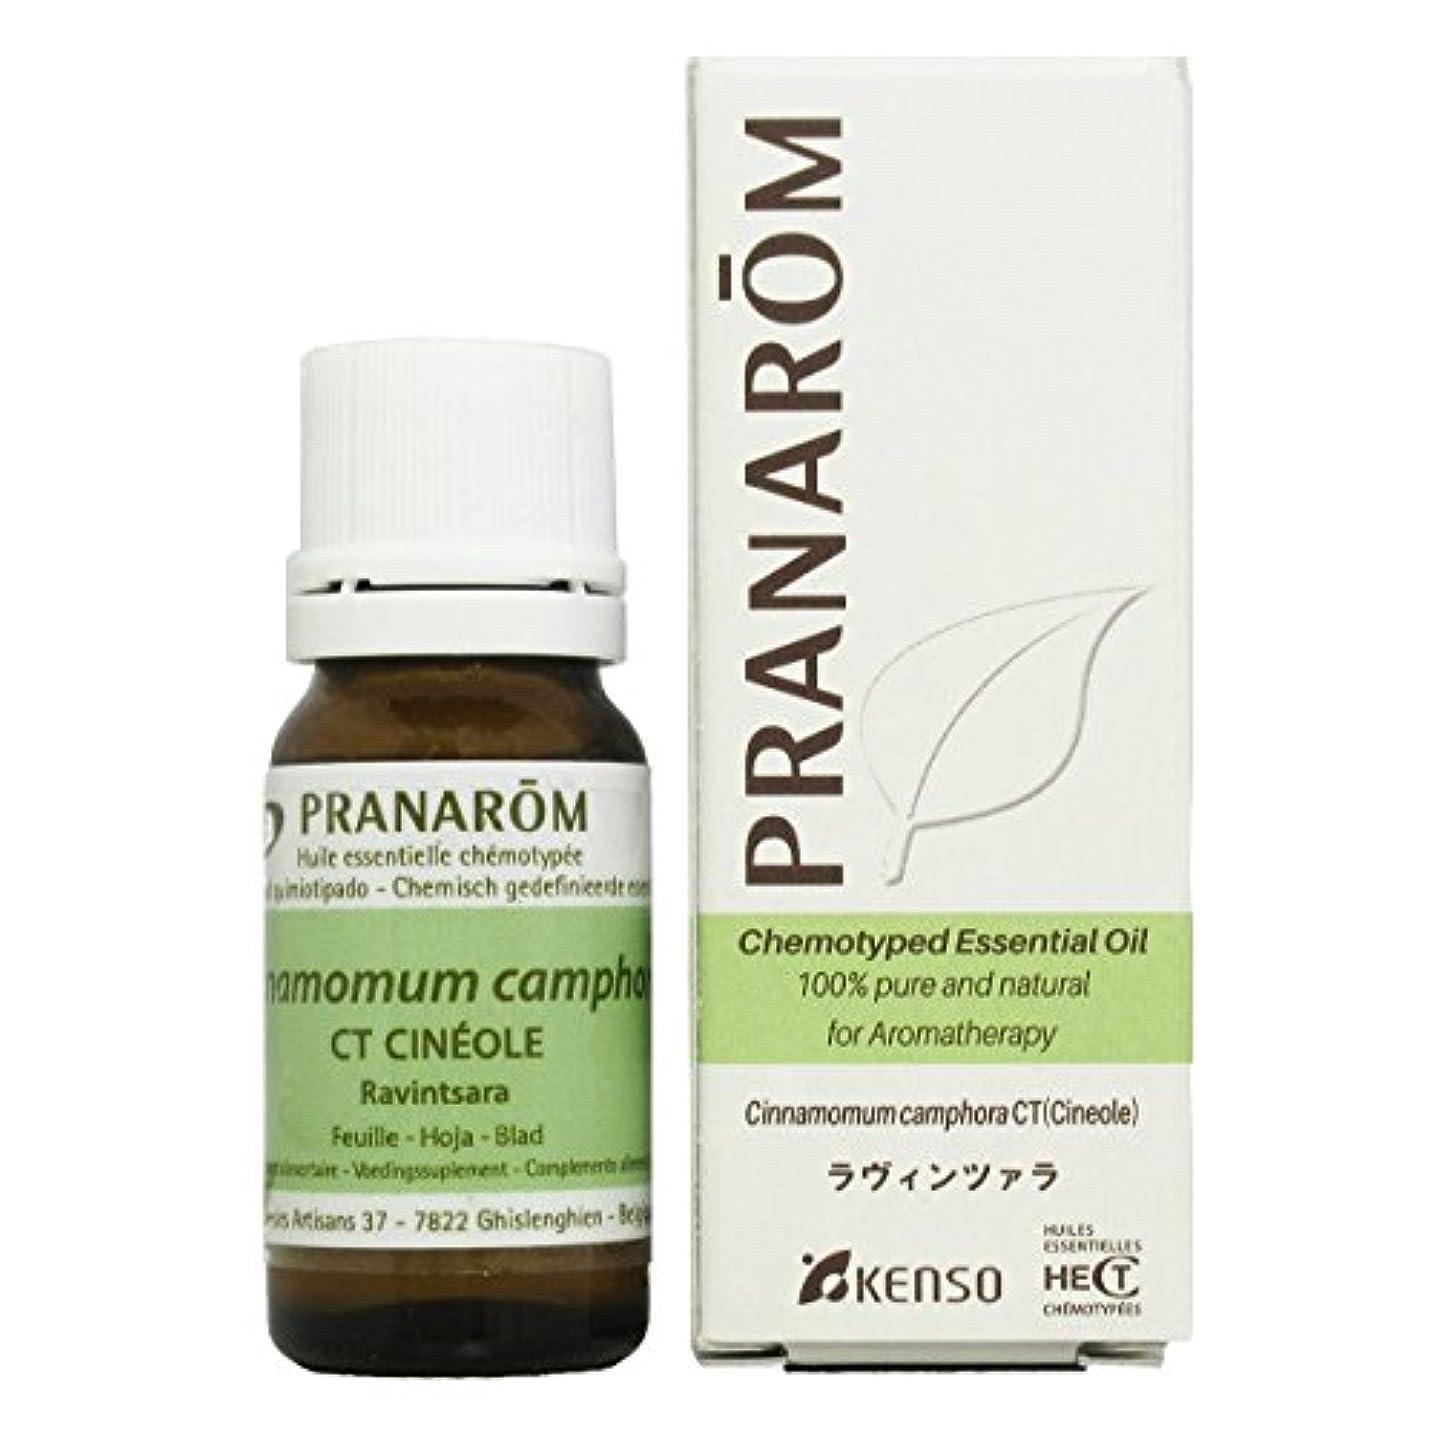 コインランドリーくしゃみ順応性のあるプラナロム ラヴィンツァラ 10ml (PRANAROM ケモタイプ精油)